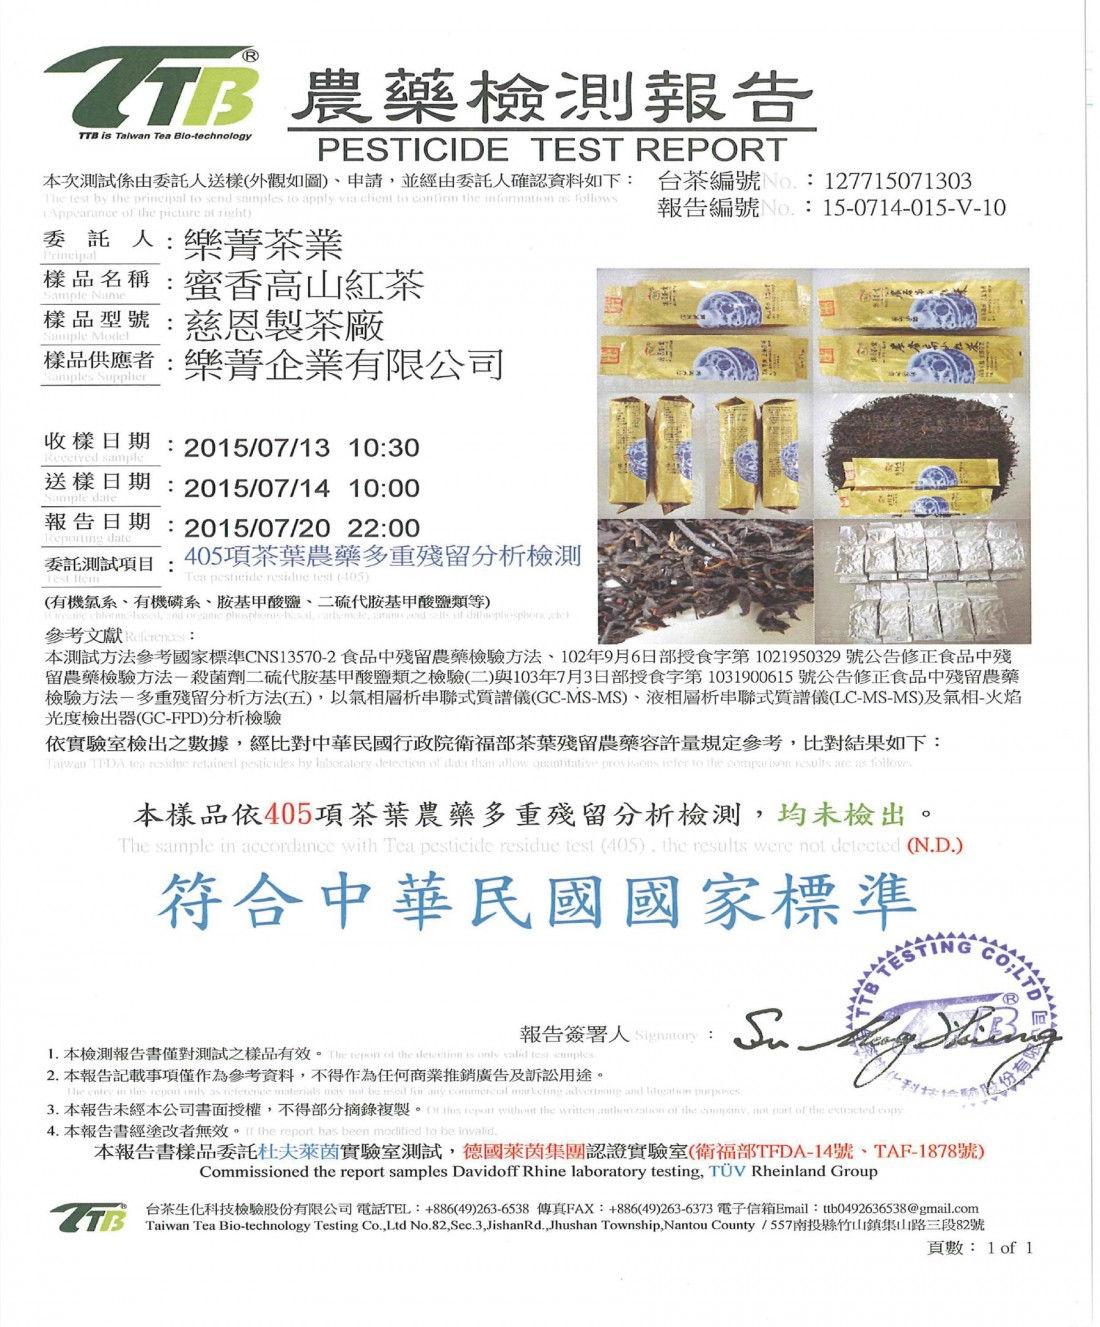 蜜香高山紅茶-茶葉無農藥殘留檢驗報告